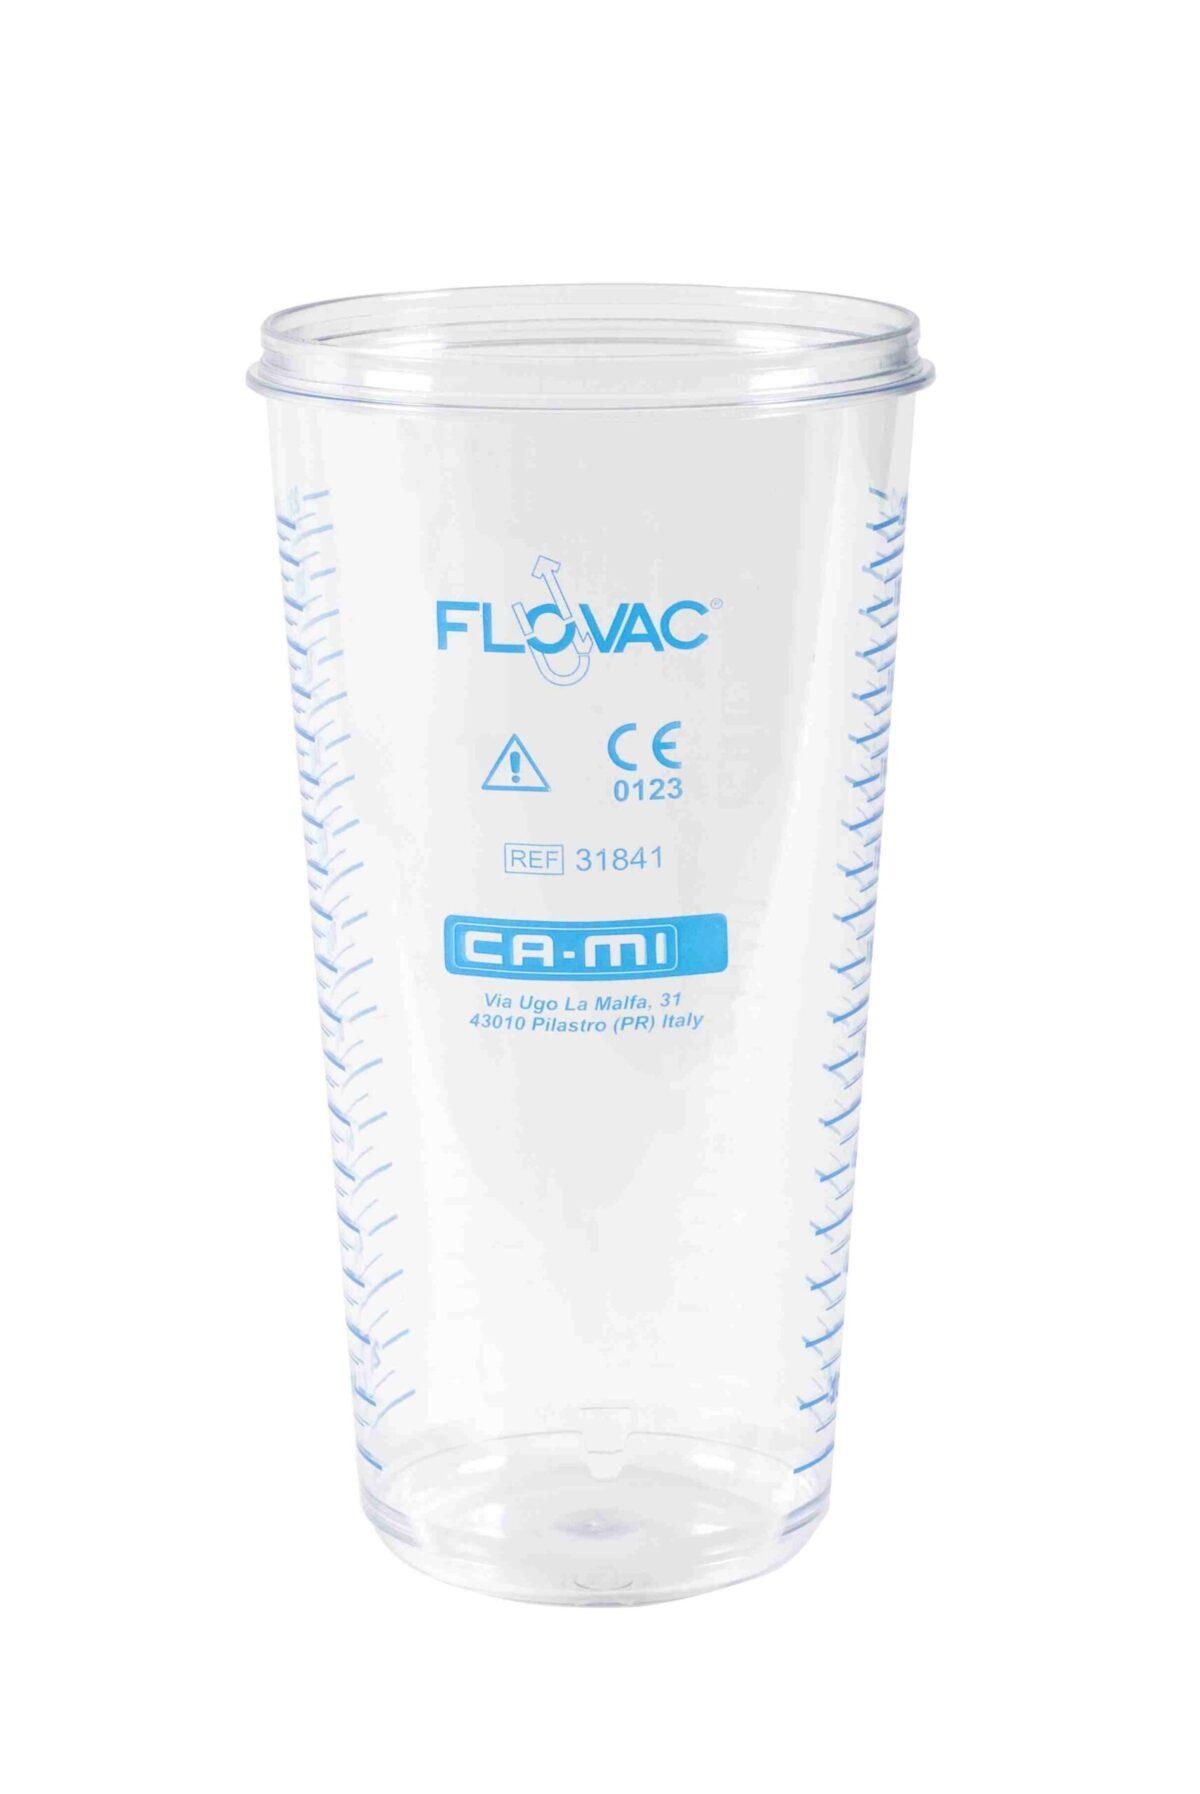 Zbiornik wielorazowy FLOVAC do wkładów jednorazowych 2l